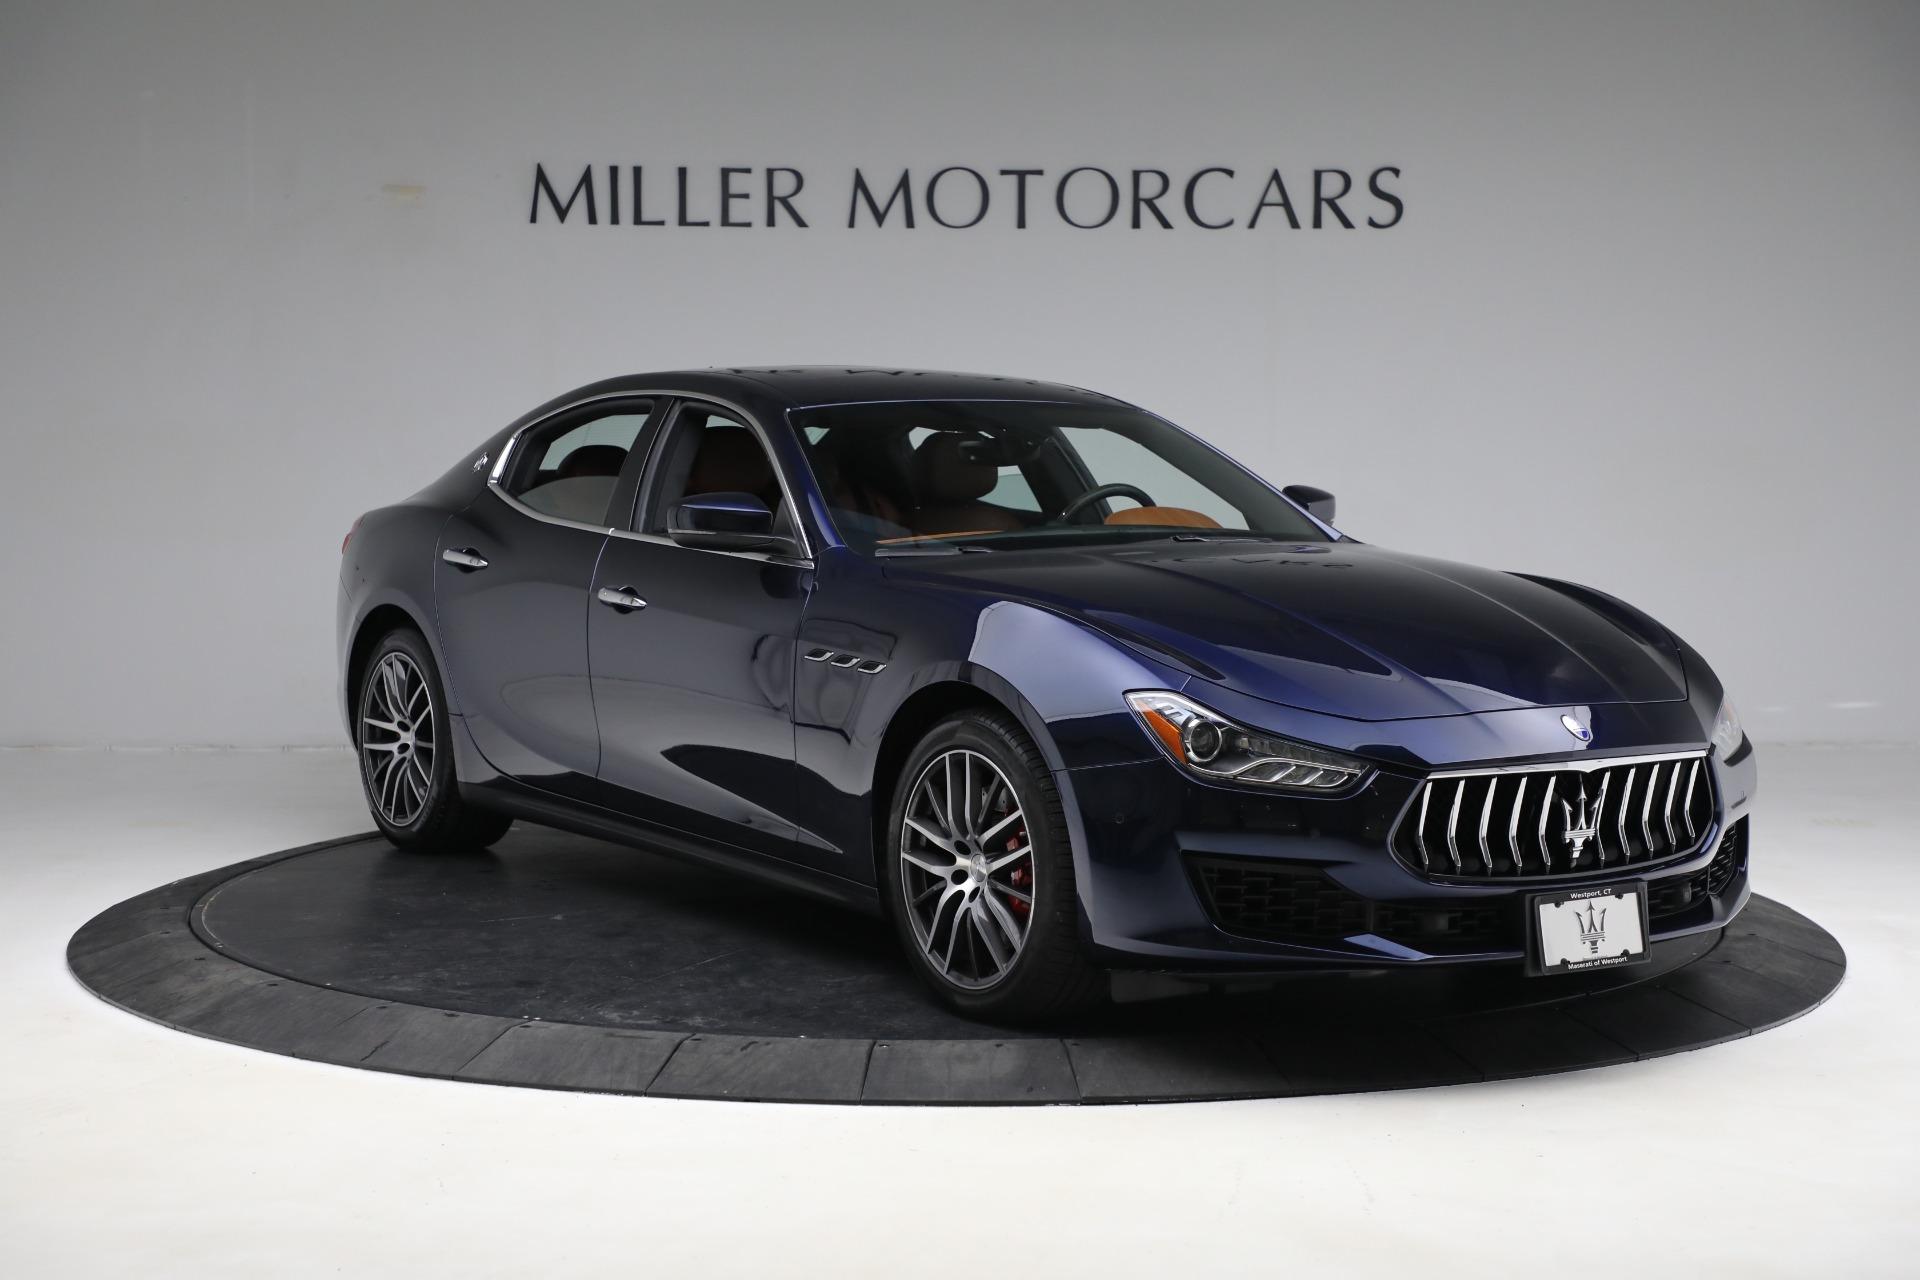 New 2019 Maserati Ghibli S Q4 For Sale In Greenwich, CT 3020_p11